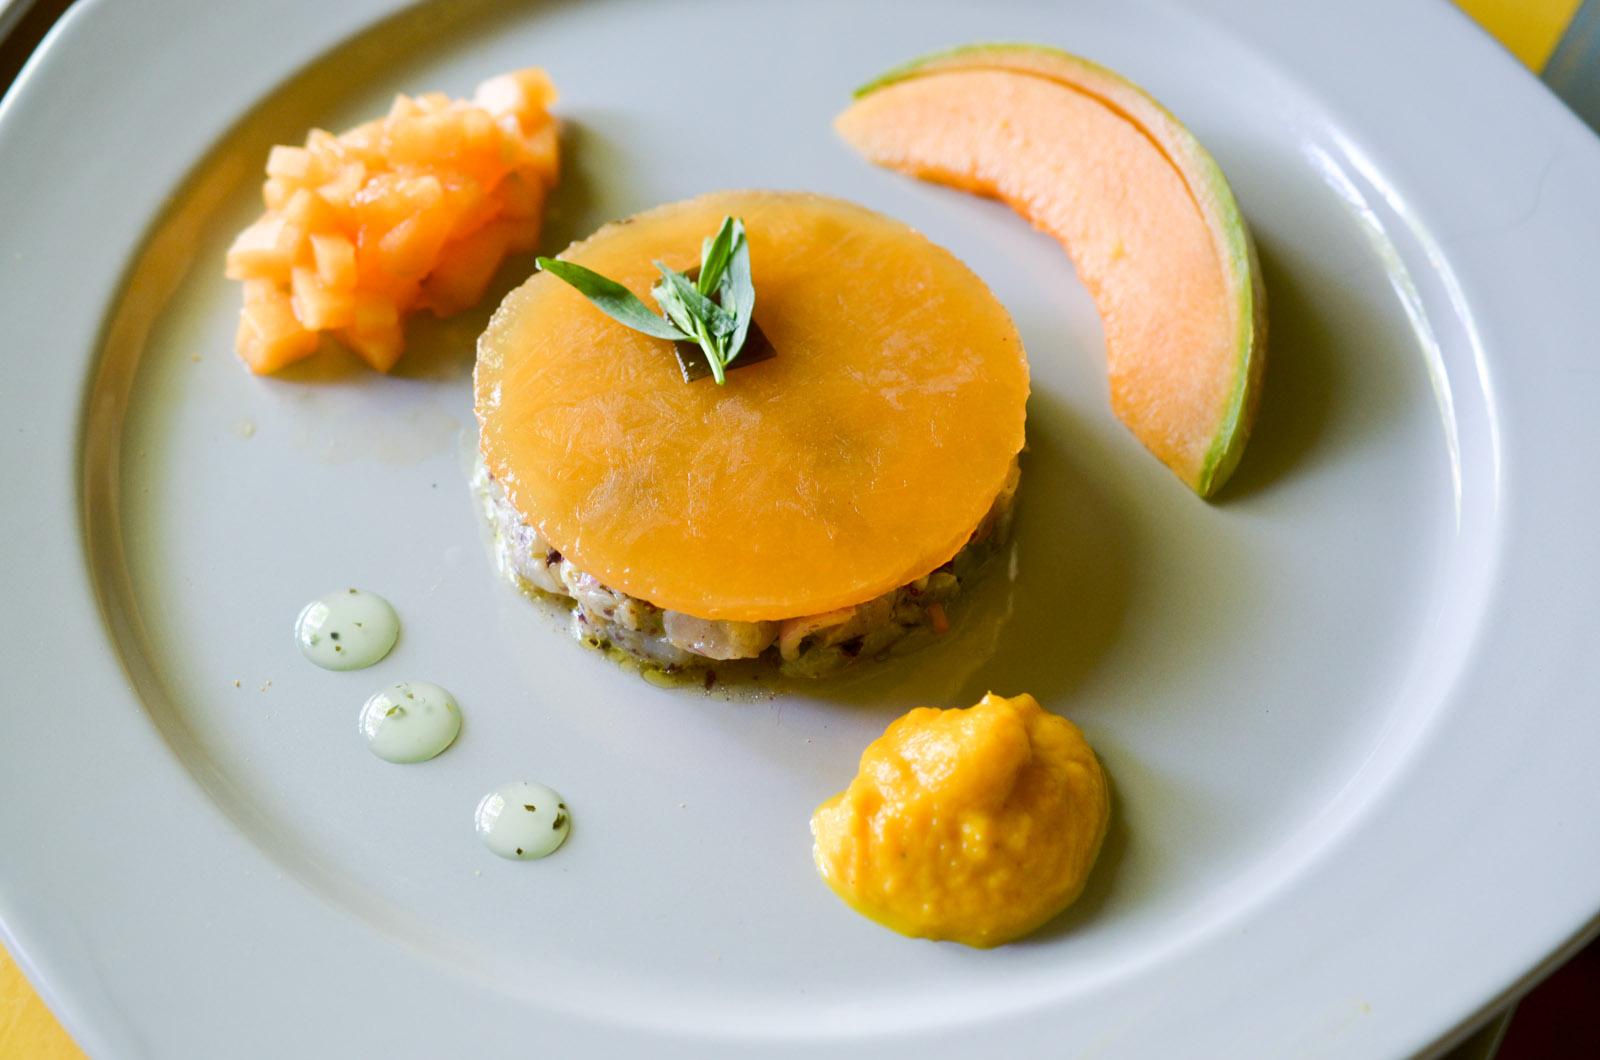 C est au programme les p pites de noisette - France c est au programme recettes de cuisine ...